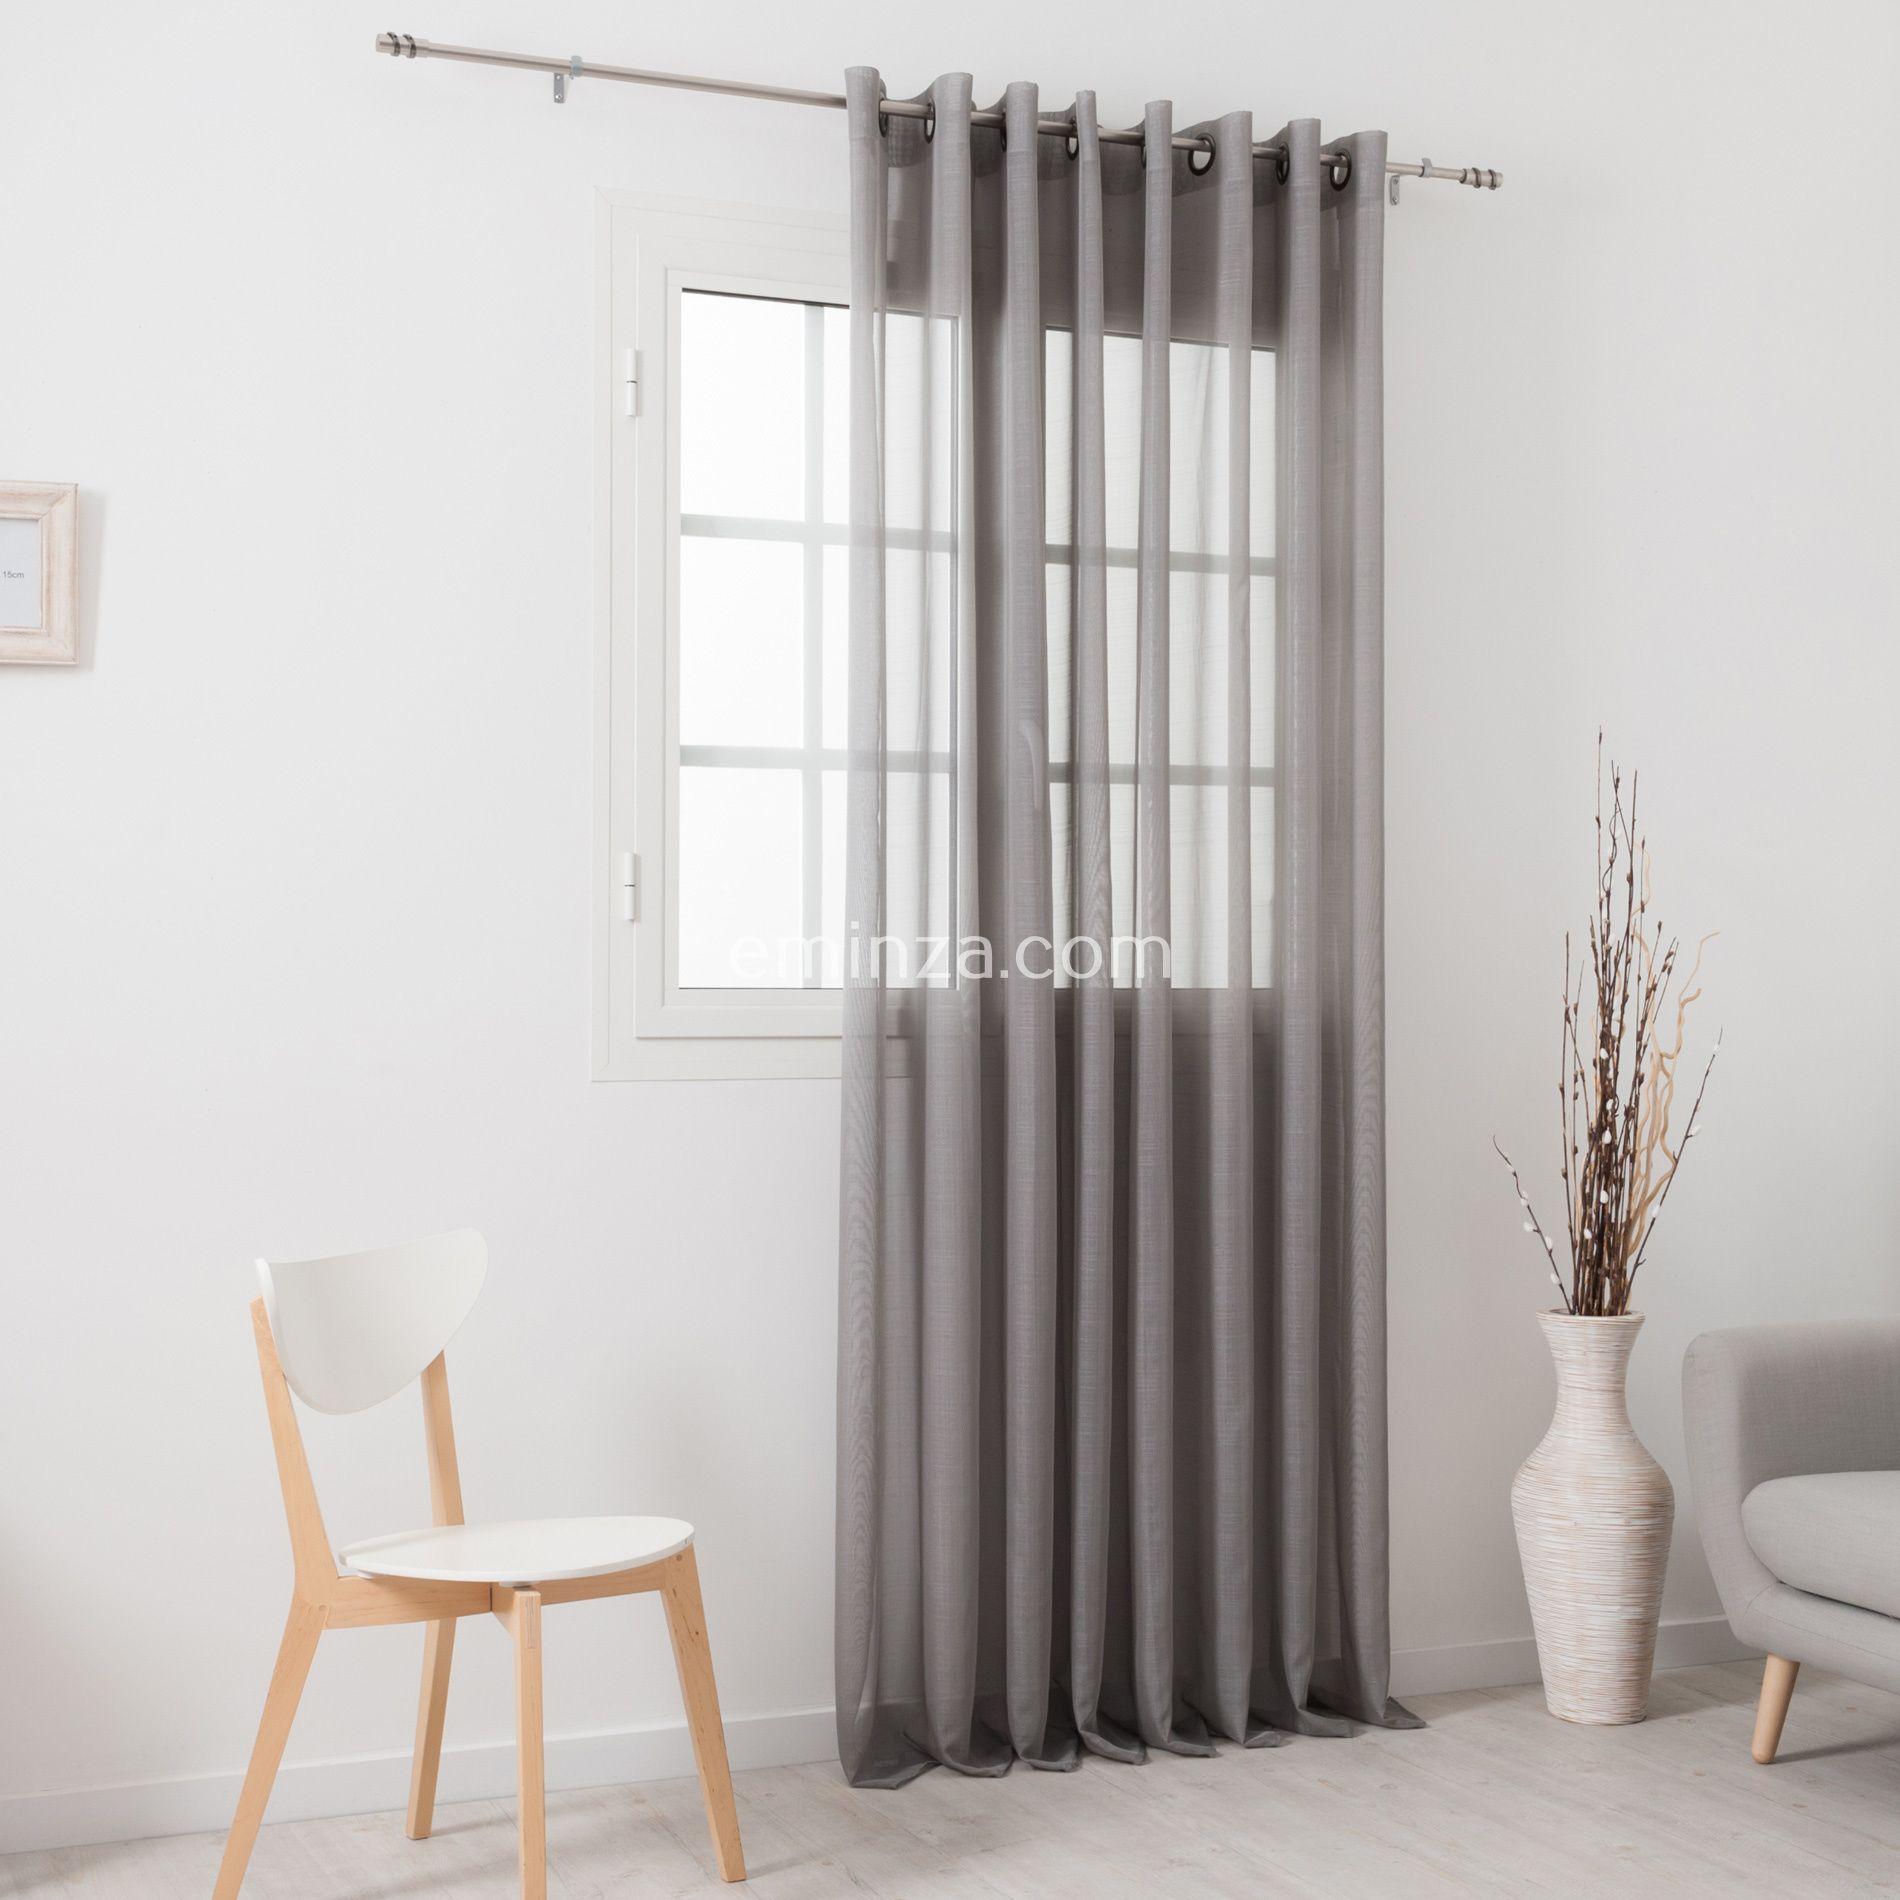 voilage 300 x h240 cm givr e gris perle voilage eminza. Black Bedroom Furniture Sets. Home Design Ideas